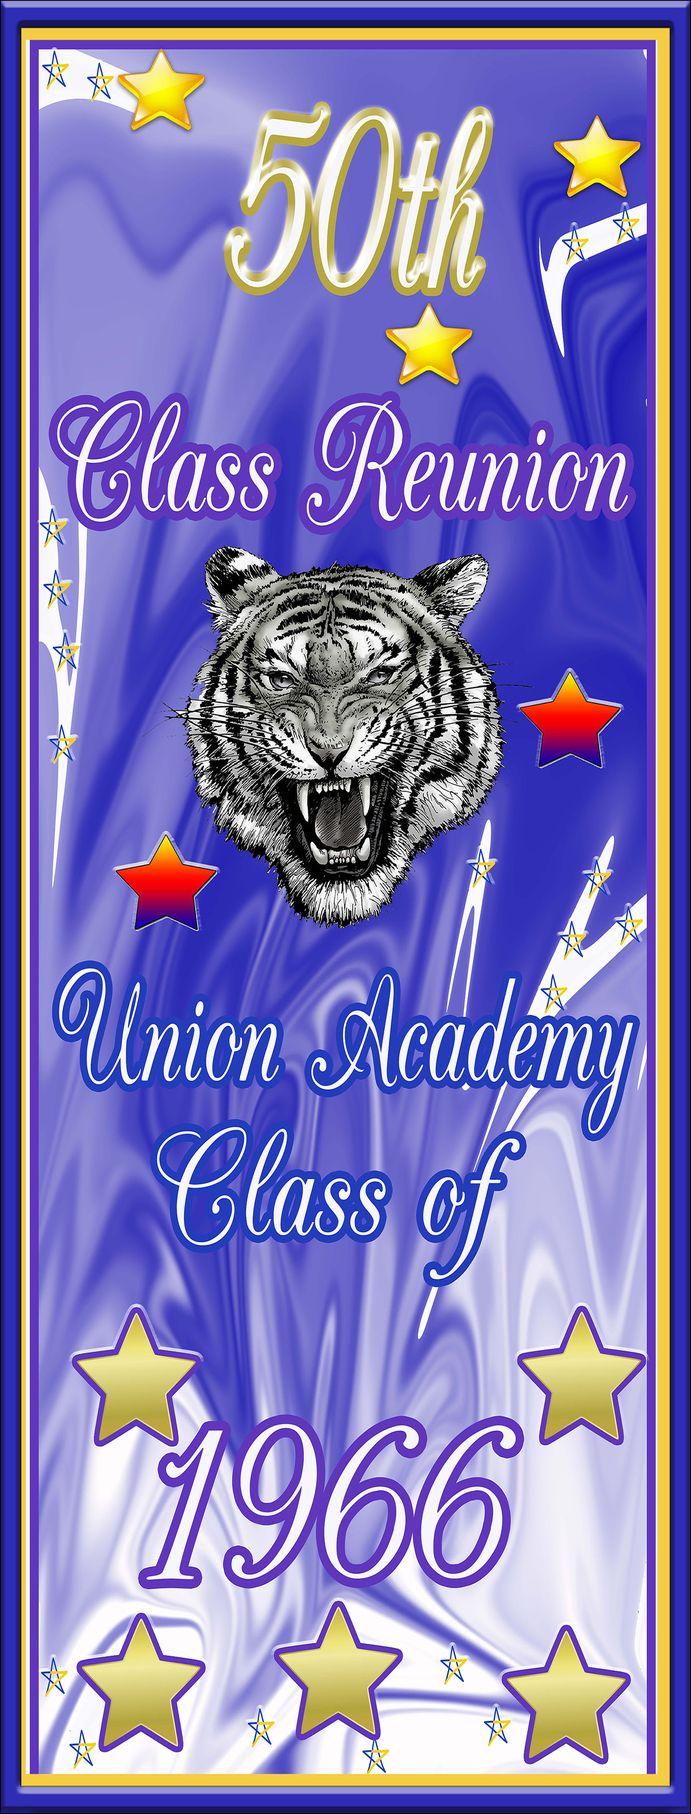 Mesh banner, for 50th class reunion, AllstateBanners.com